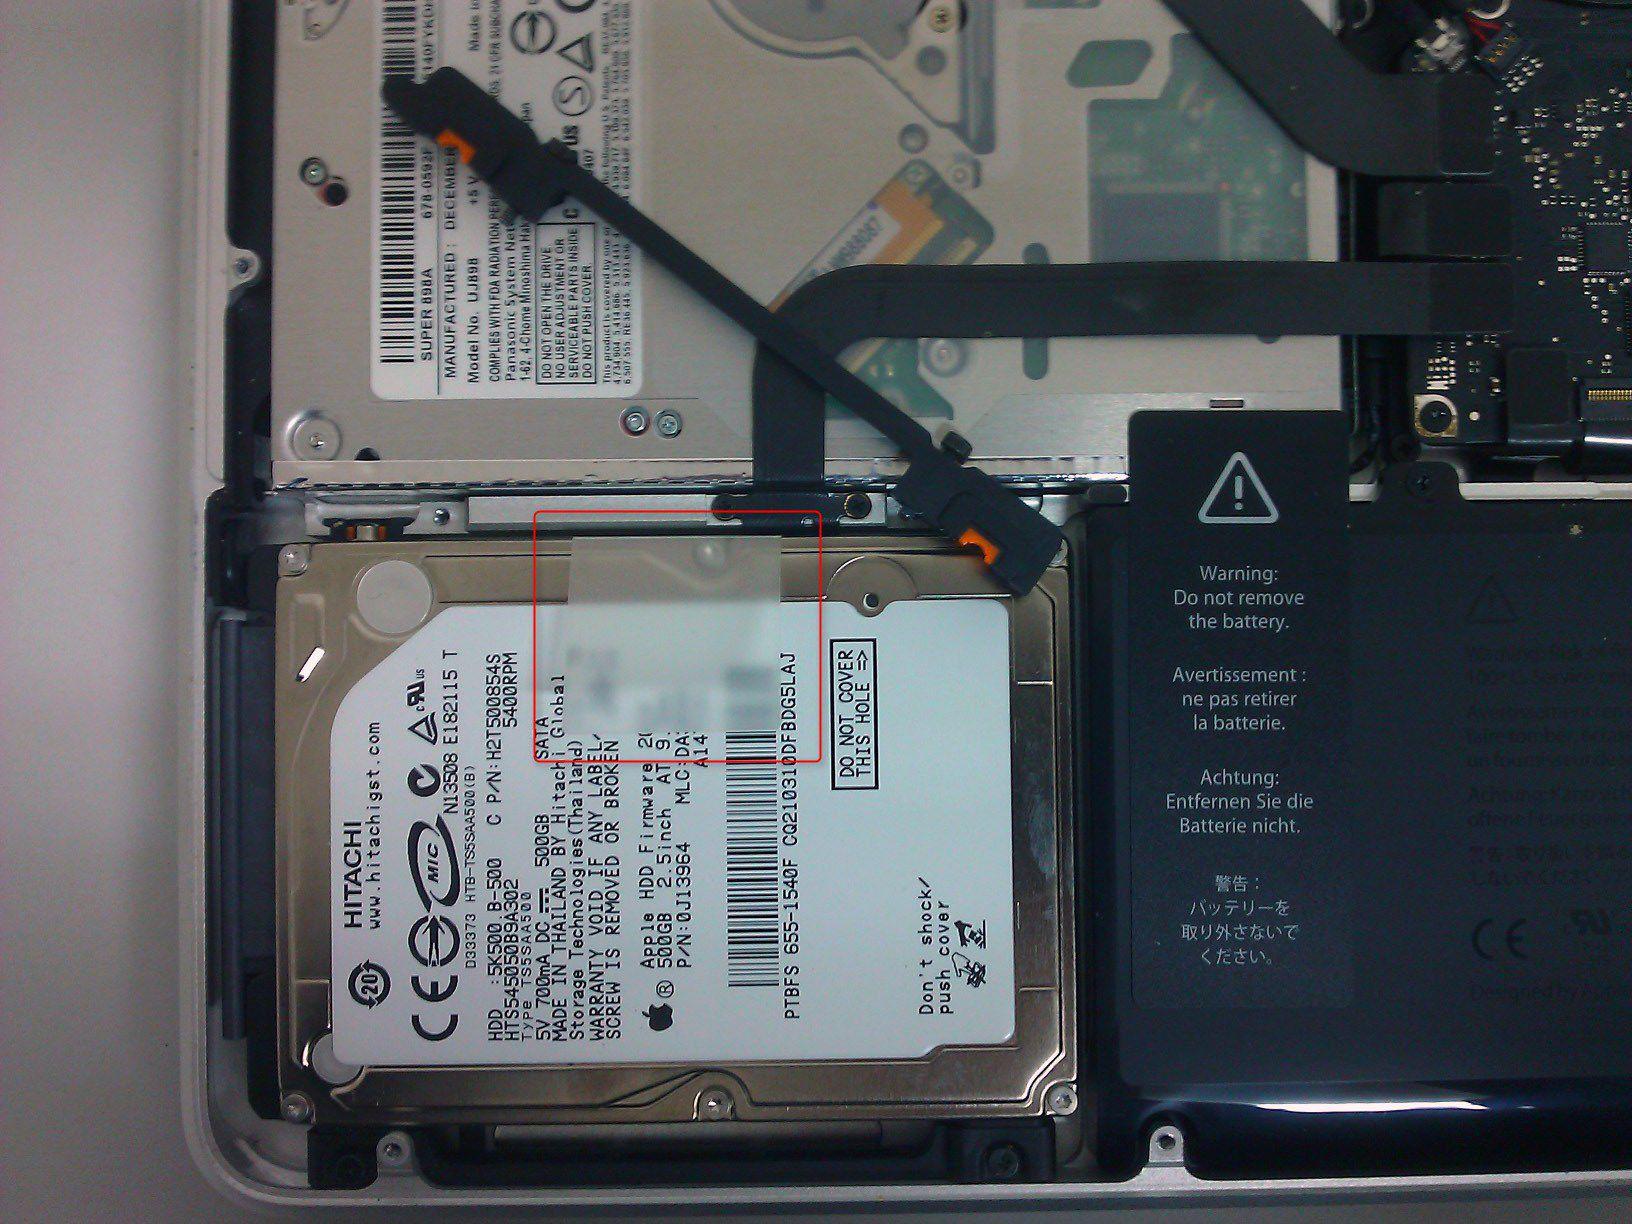 05-So-gehts-MacBook-Pro-mit-SSD-nachruesten-HDD-entnehmen-470.jpg?nocache=1318607484231